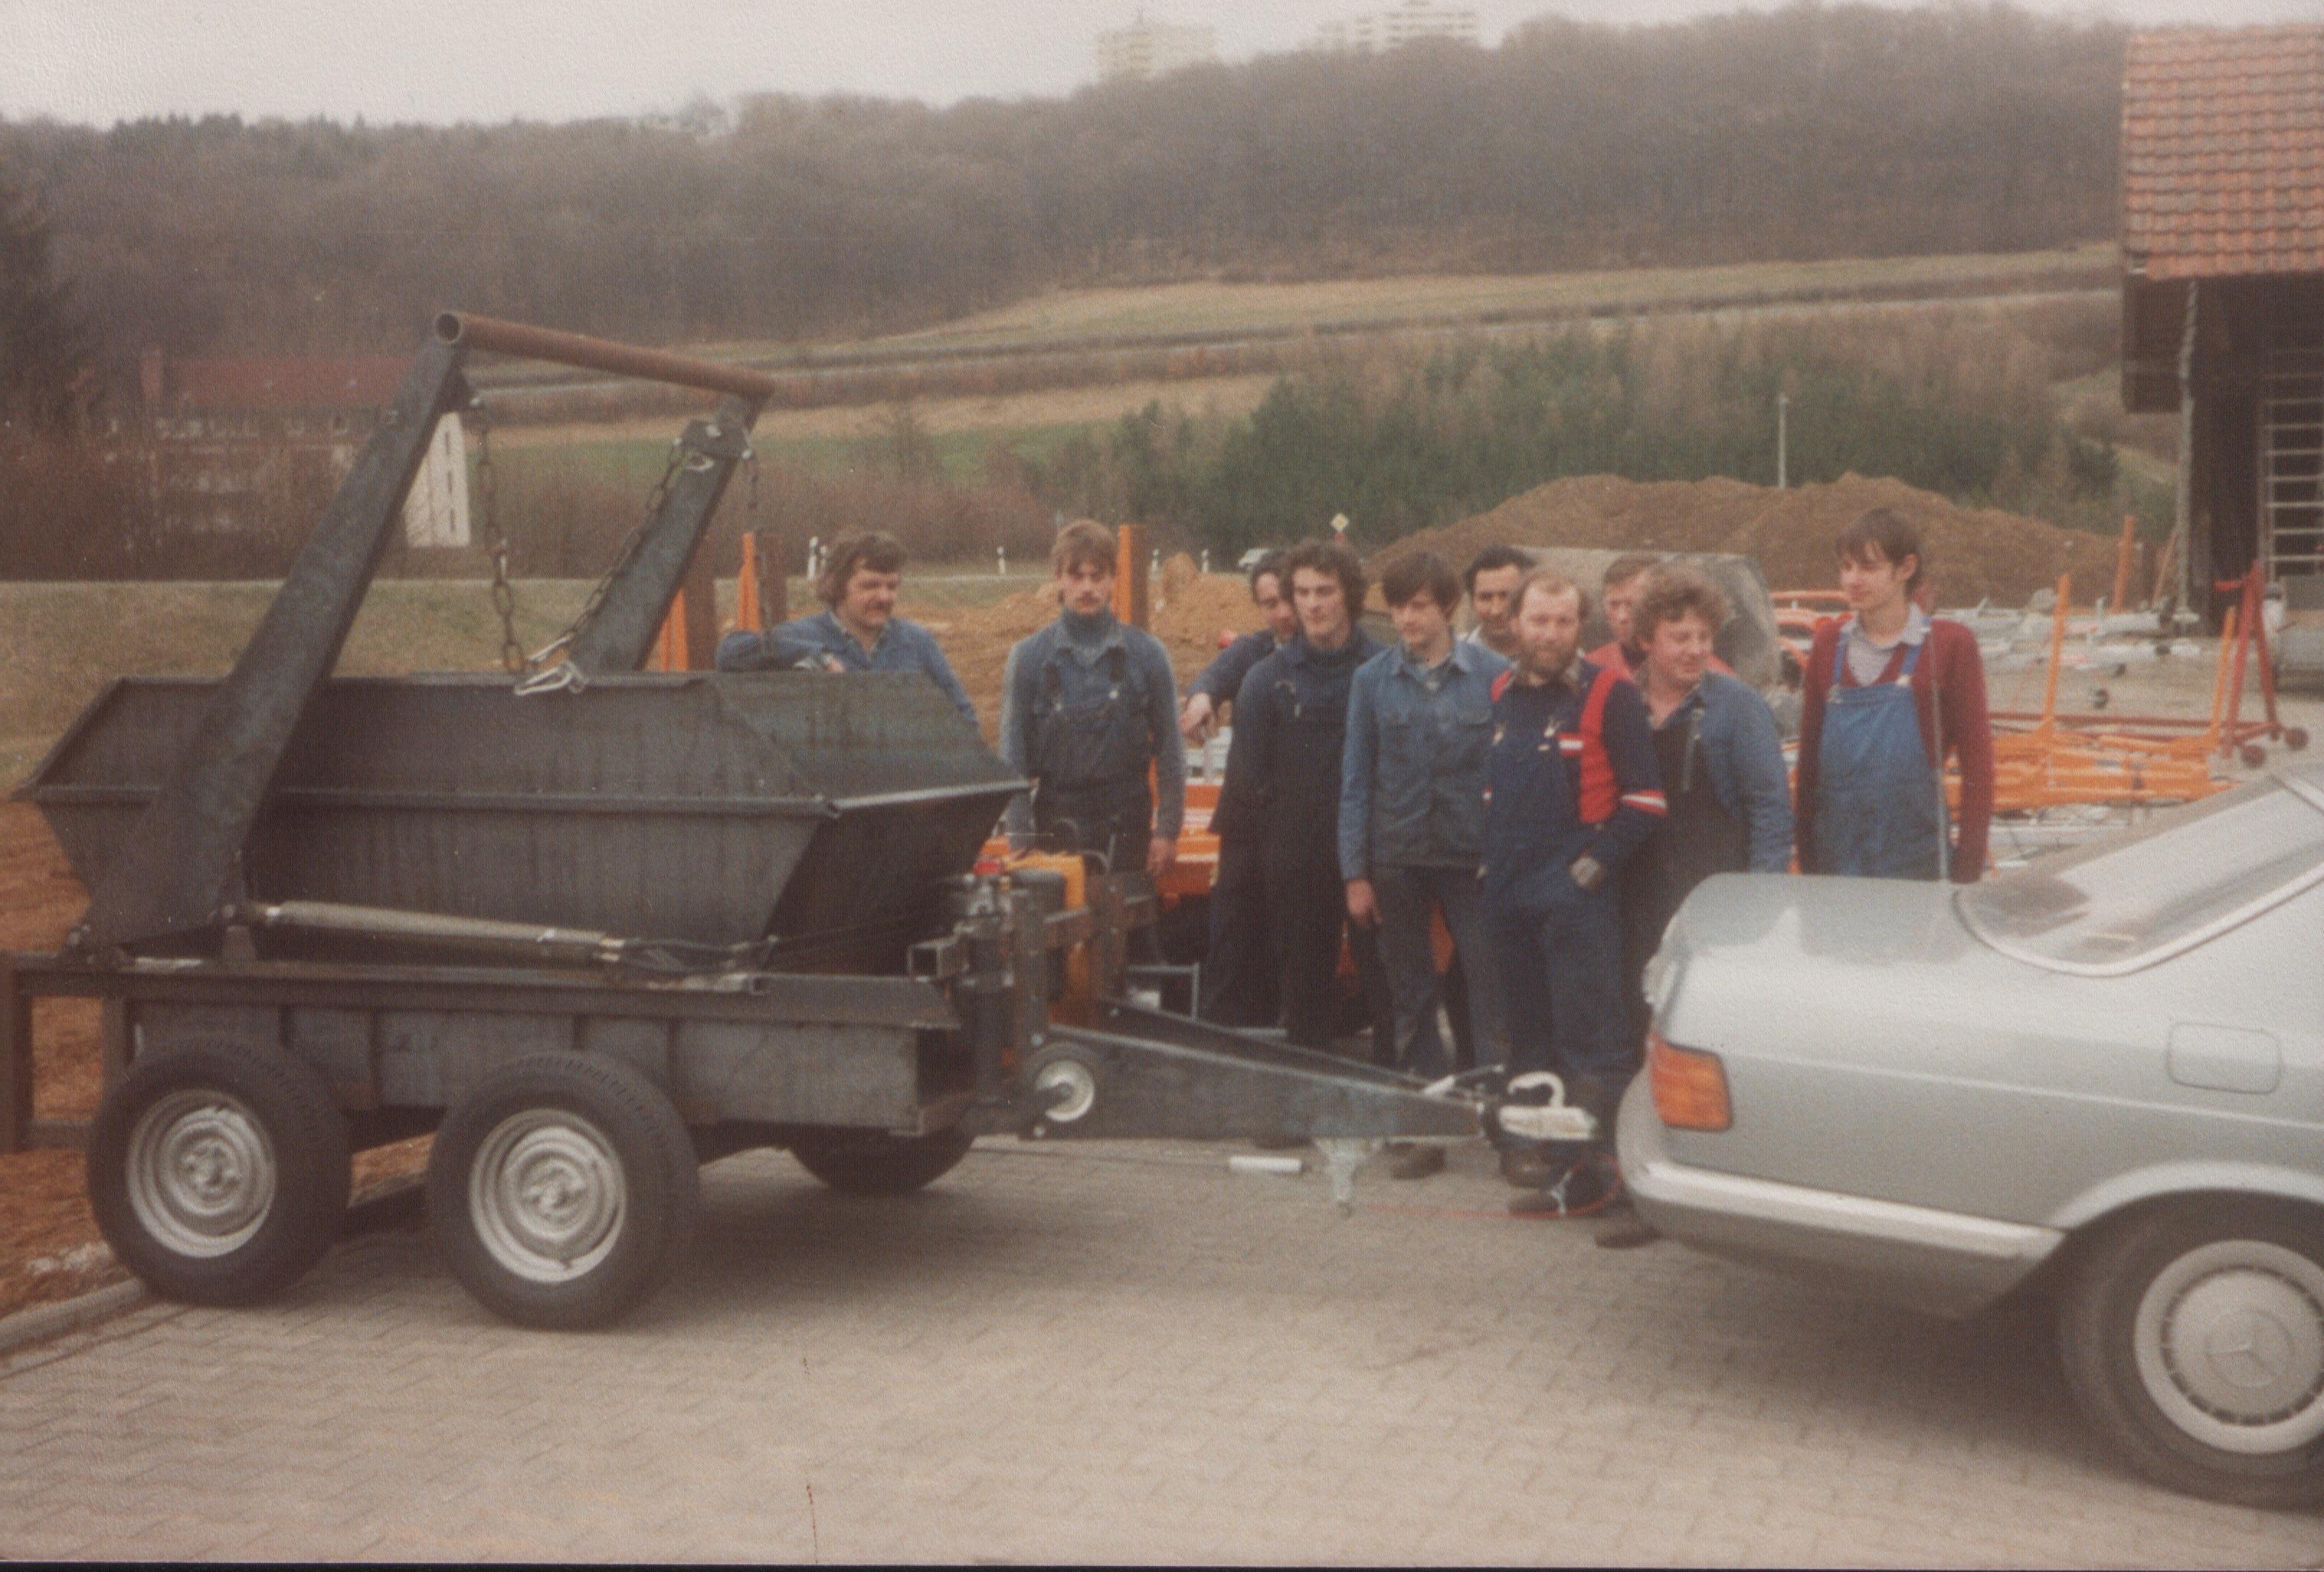 Prototyp eines Erfolgmodells: Absetzkipper 1984